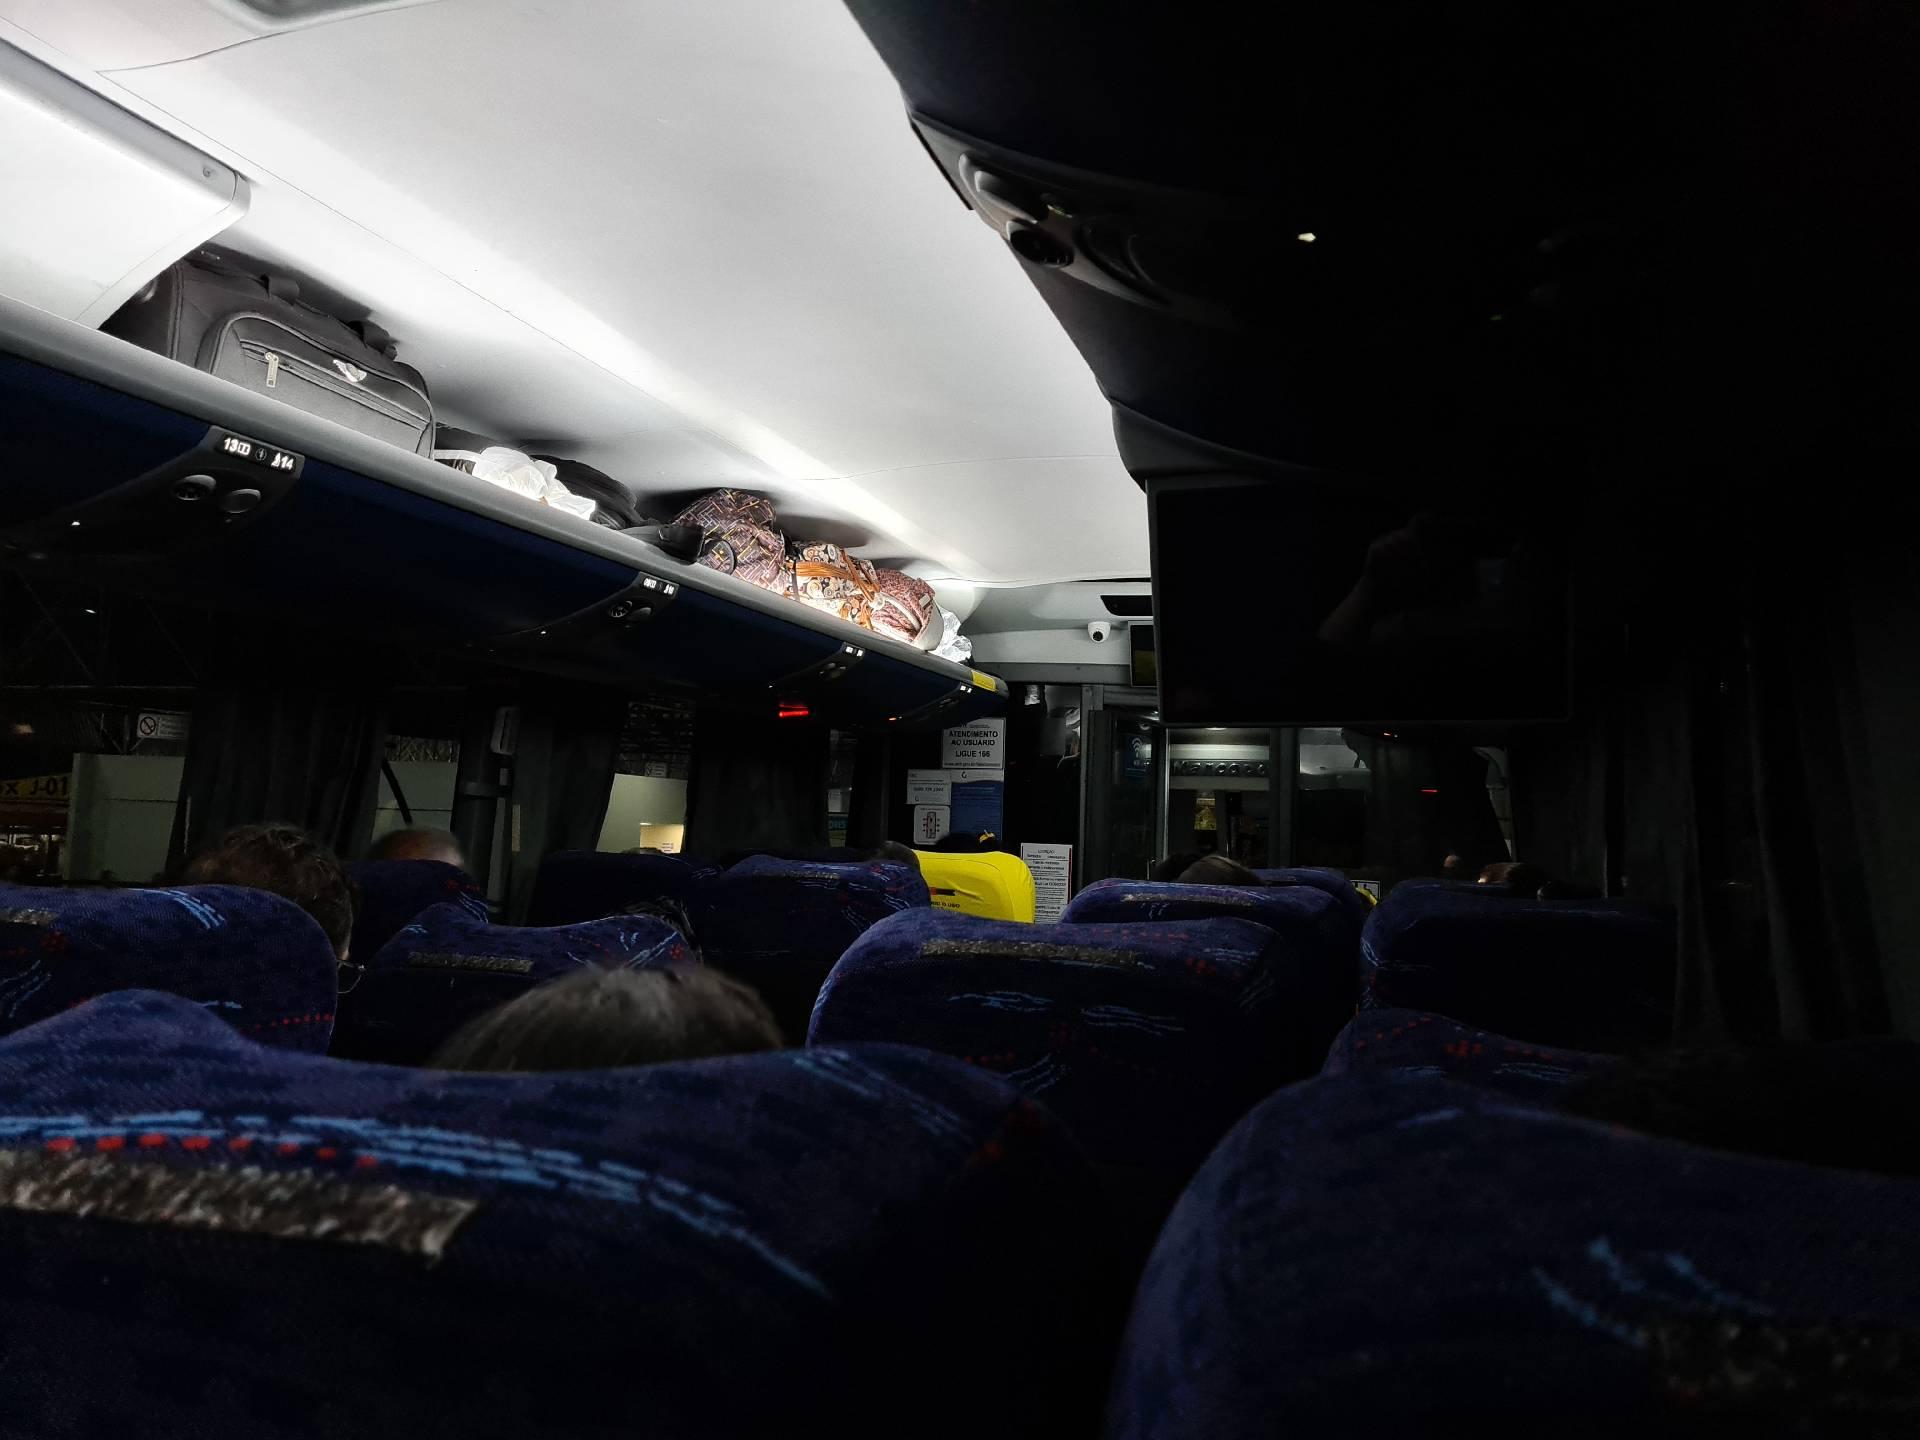 в салоне междугородного автобуса в Бразилии